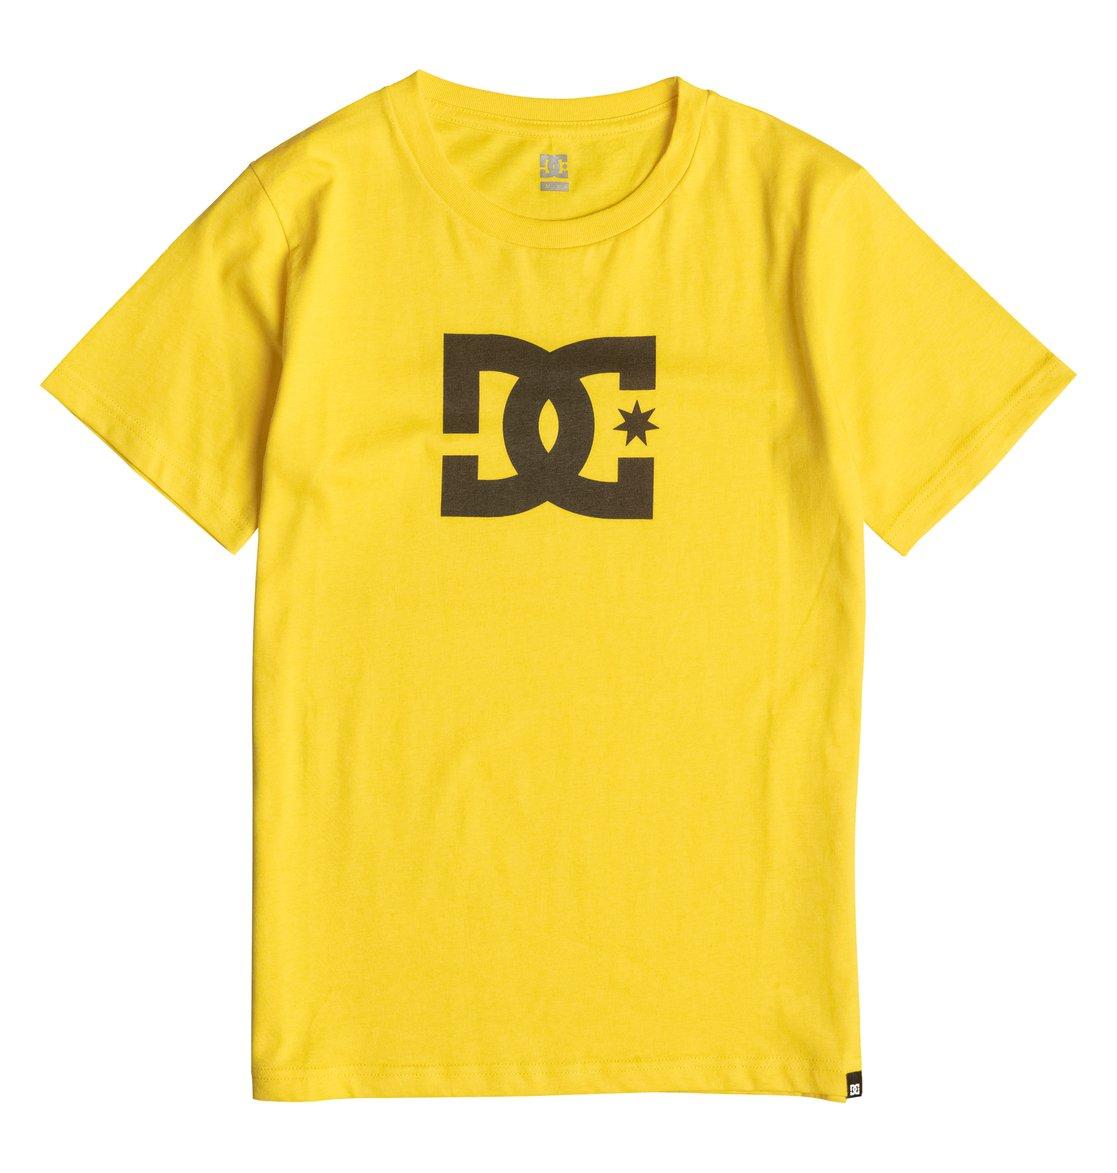 Star T-ShirtДетская футболка Star от DC Shoes. <br>ХАРАКТЕРИСТИКИ: короткие рукава, стандартный крой, мягкий графический принт. <br>СОСТАВ: 100% хлопок.<br>